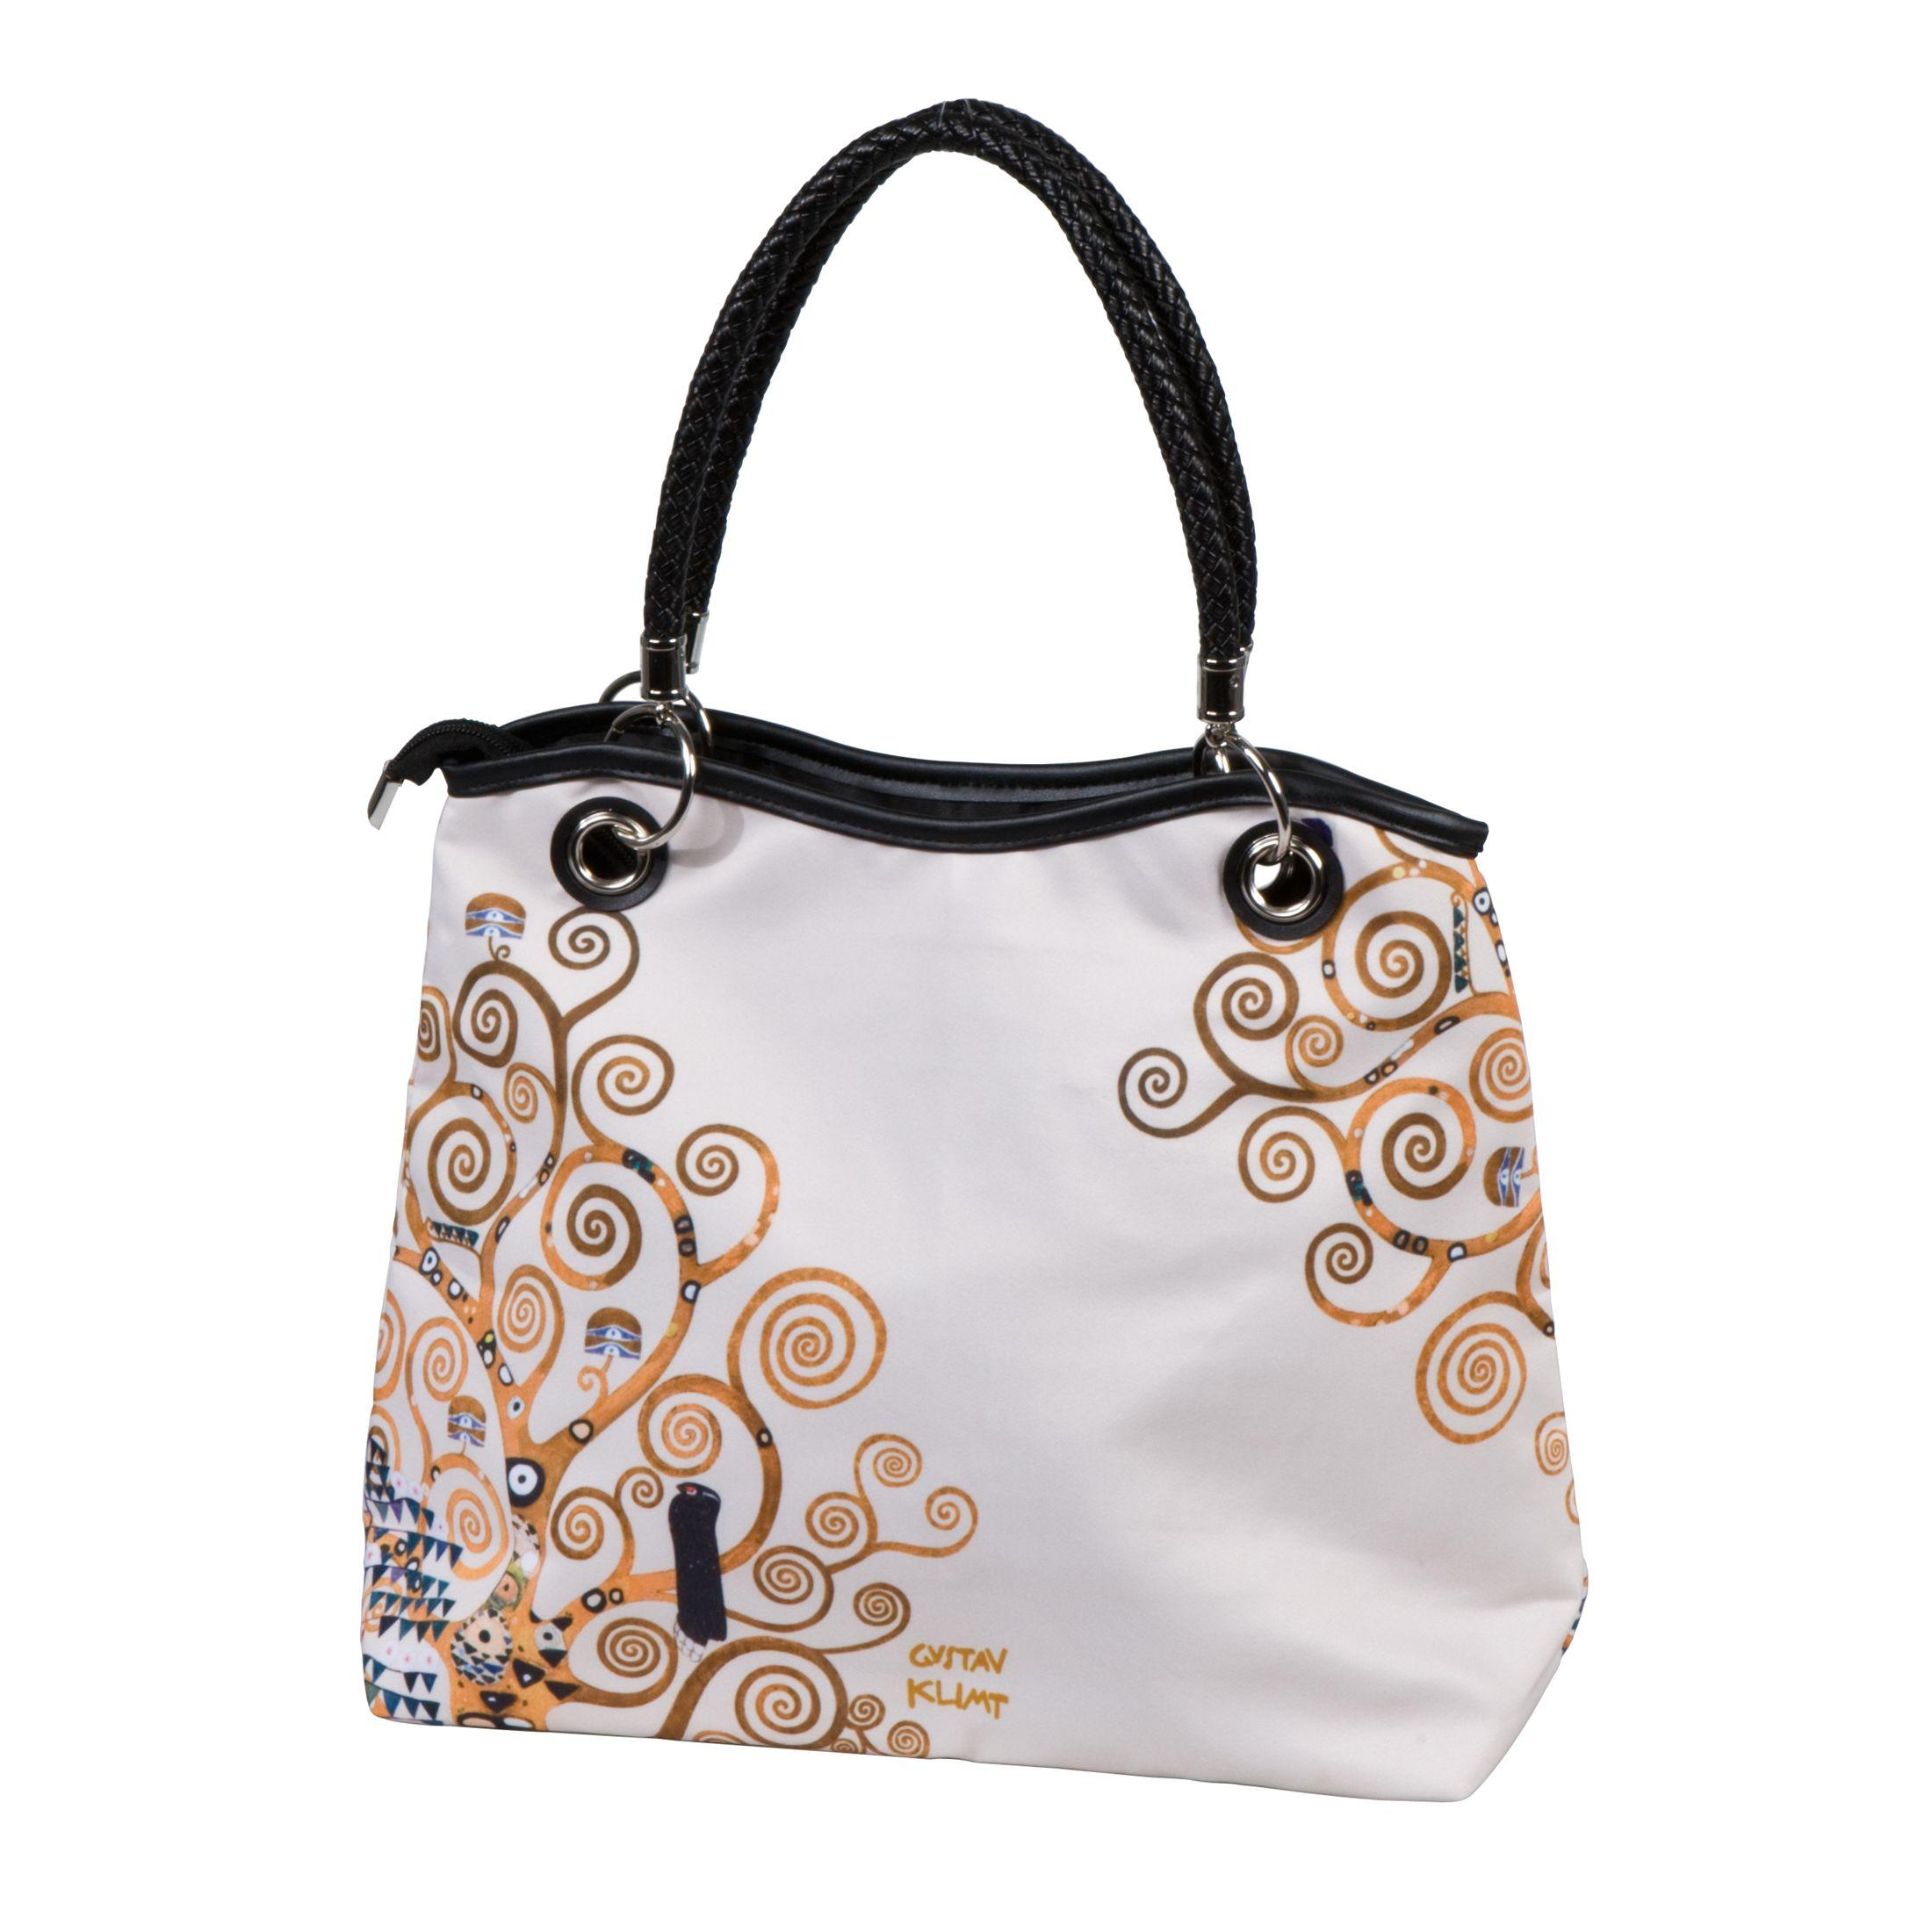 Gustav Klimt Handtasche 33 x 31cm 67060221 Der Lebensbaum GOEBEL ARTIS ORBIS